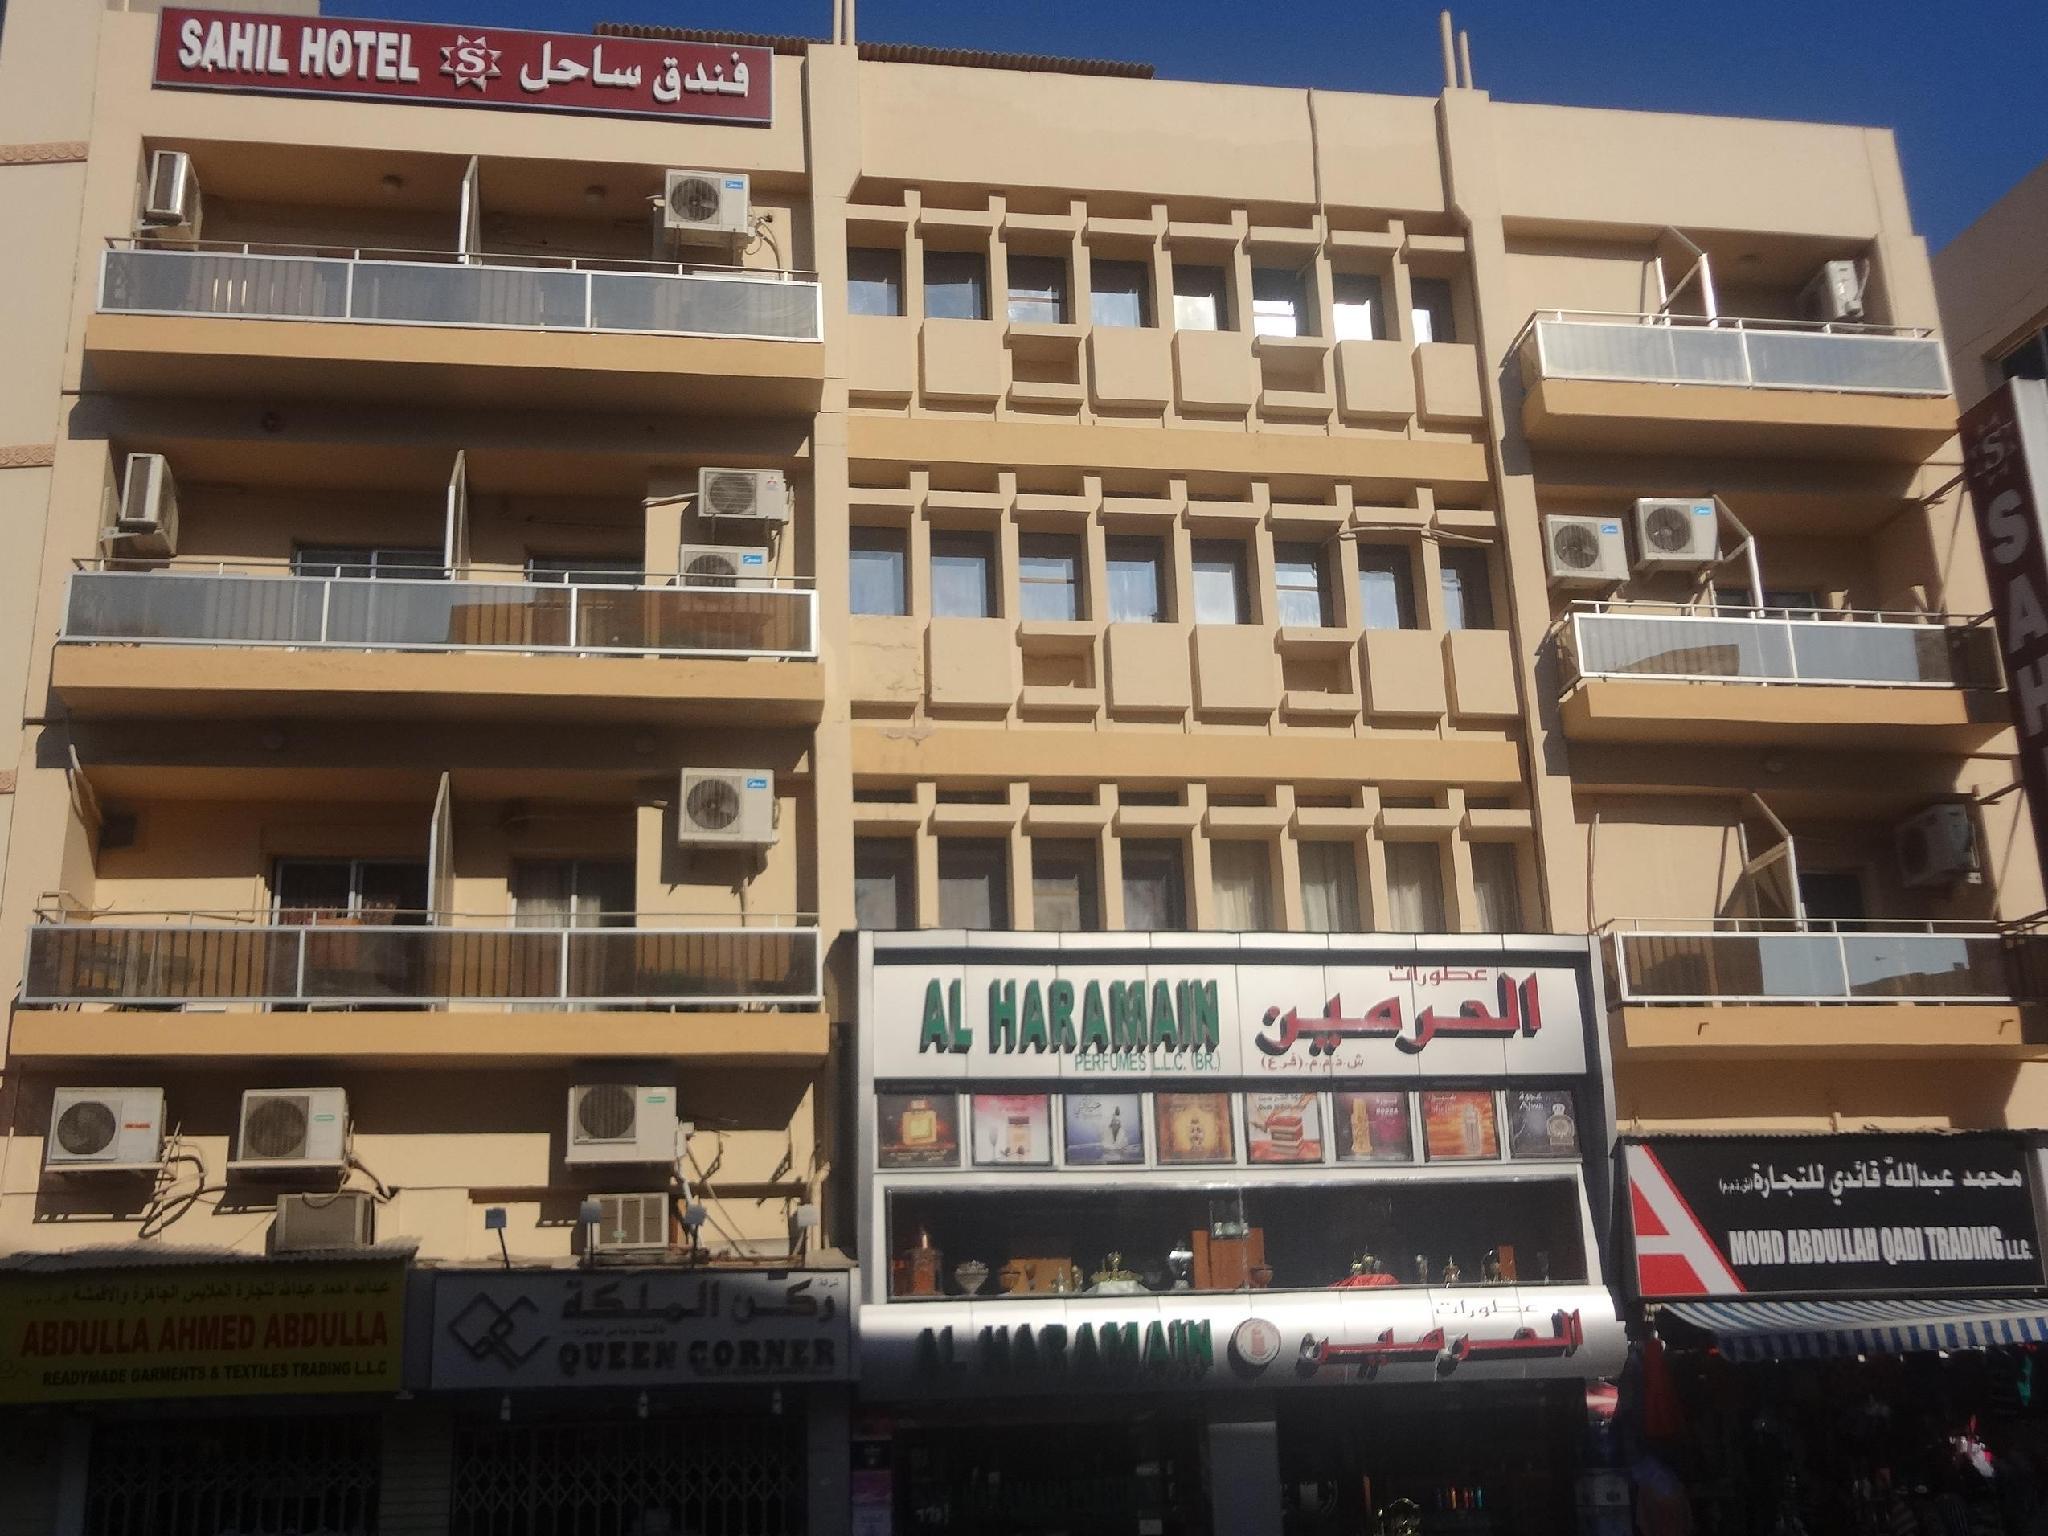 Sahil hotel deira dubai united arab emirates great for Dubai hotel rates